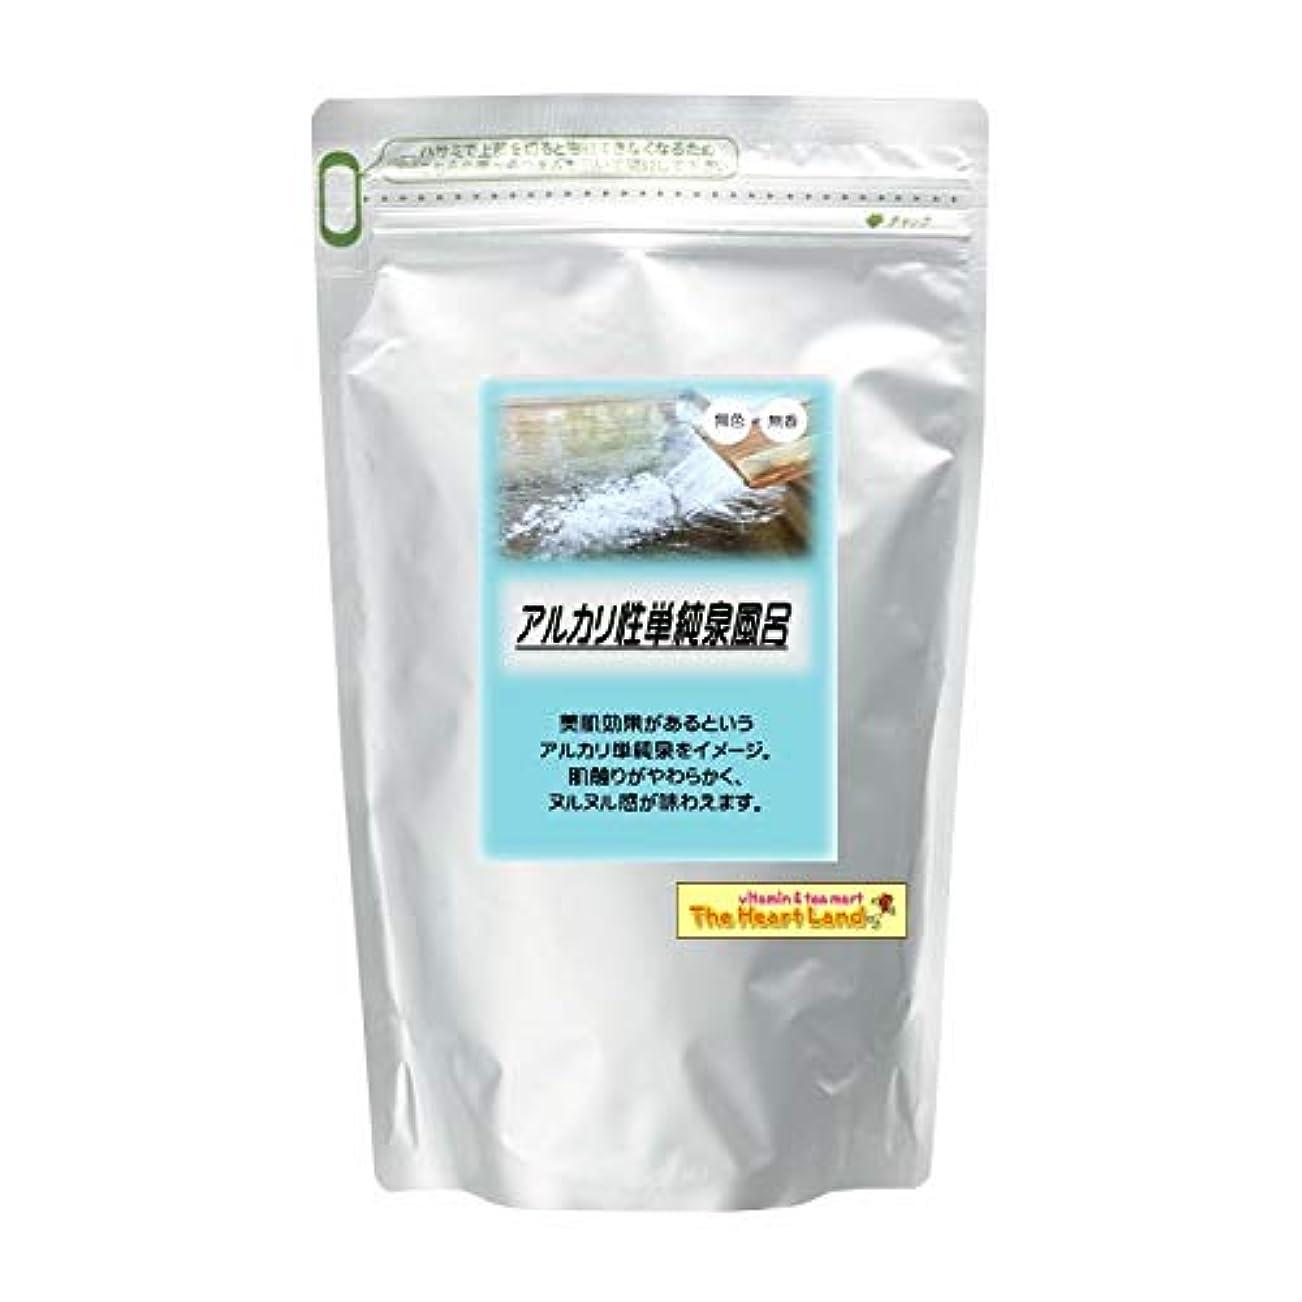 パニック優しい構成するアサヒ入浴剤 浴用入浴化粧品 アルカリ性単純泉風呂 2.5kg